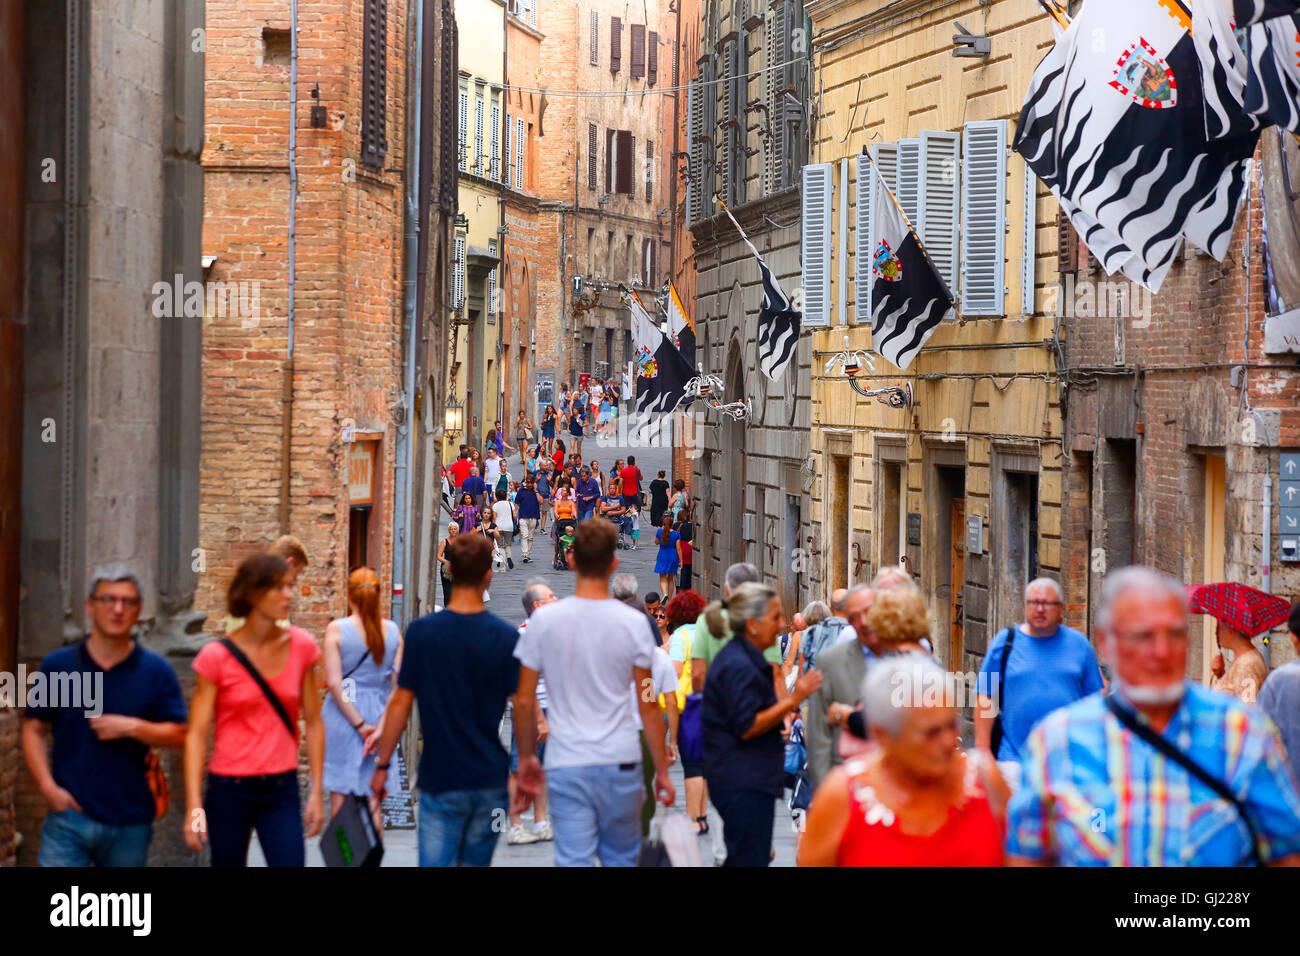 Les piétons marcher le long de Via Montanini, à Sienne, en Italie. Photo Stock